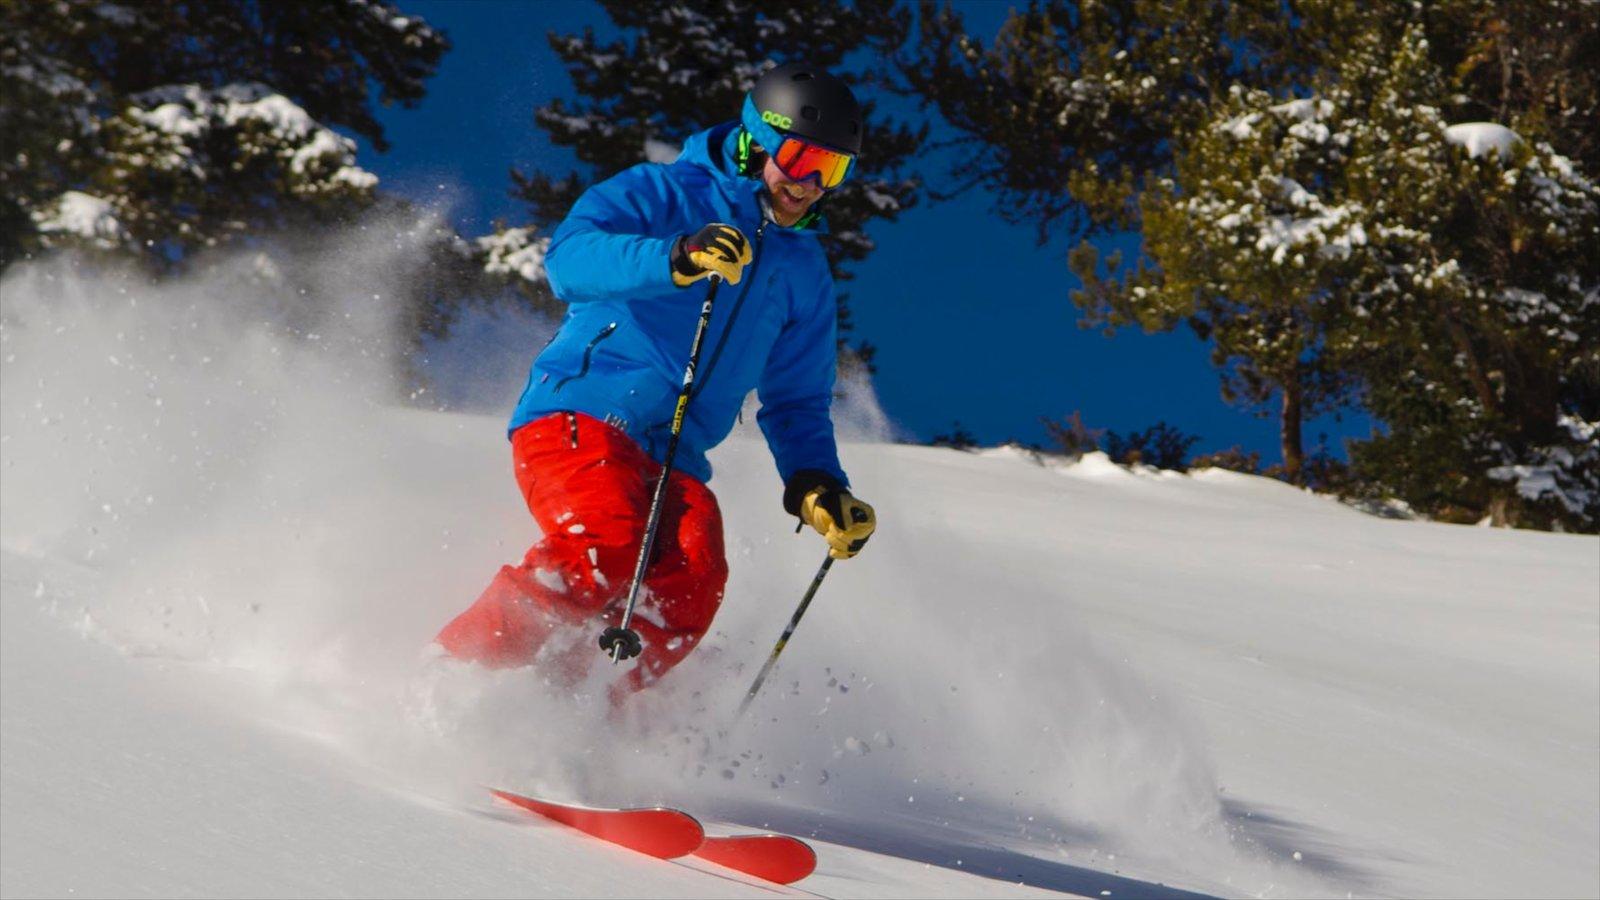 Vail - Beaver Creek mostrando esqui na neve e neve assim como um homem sozinho